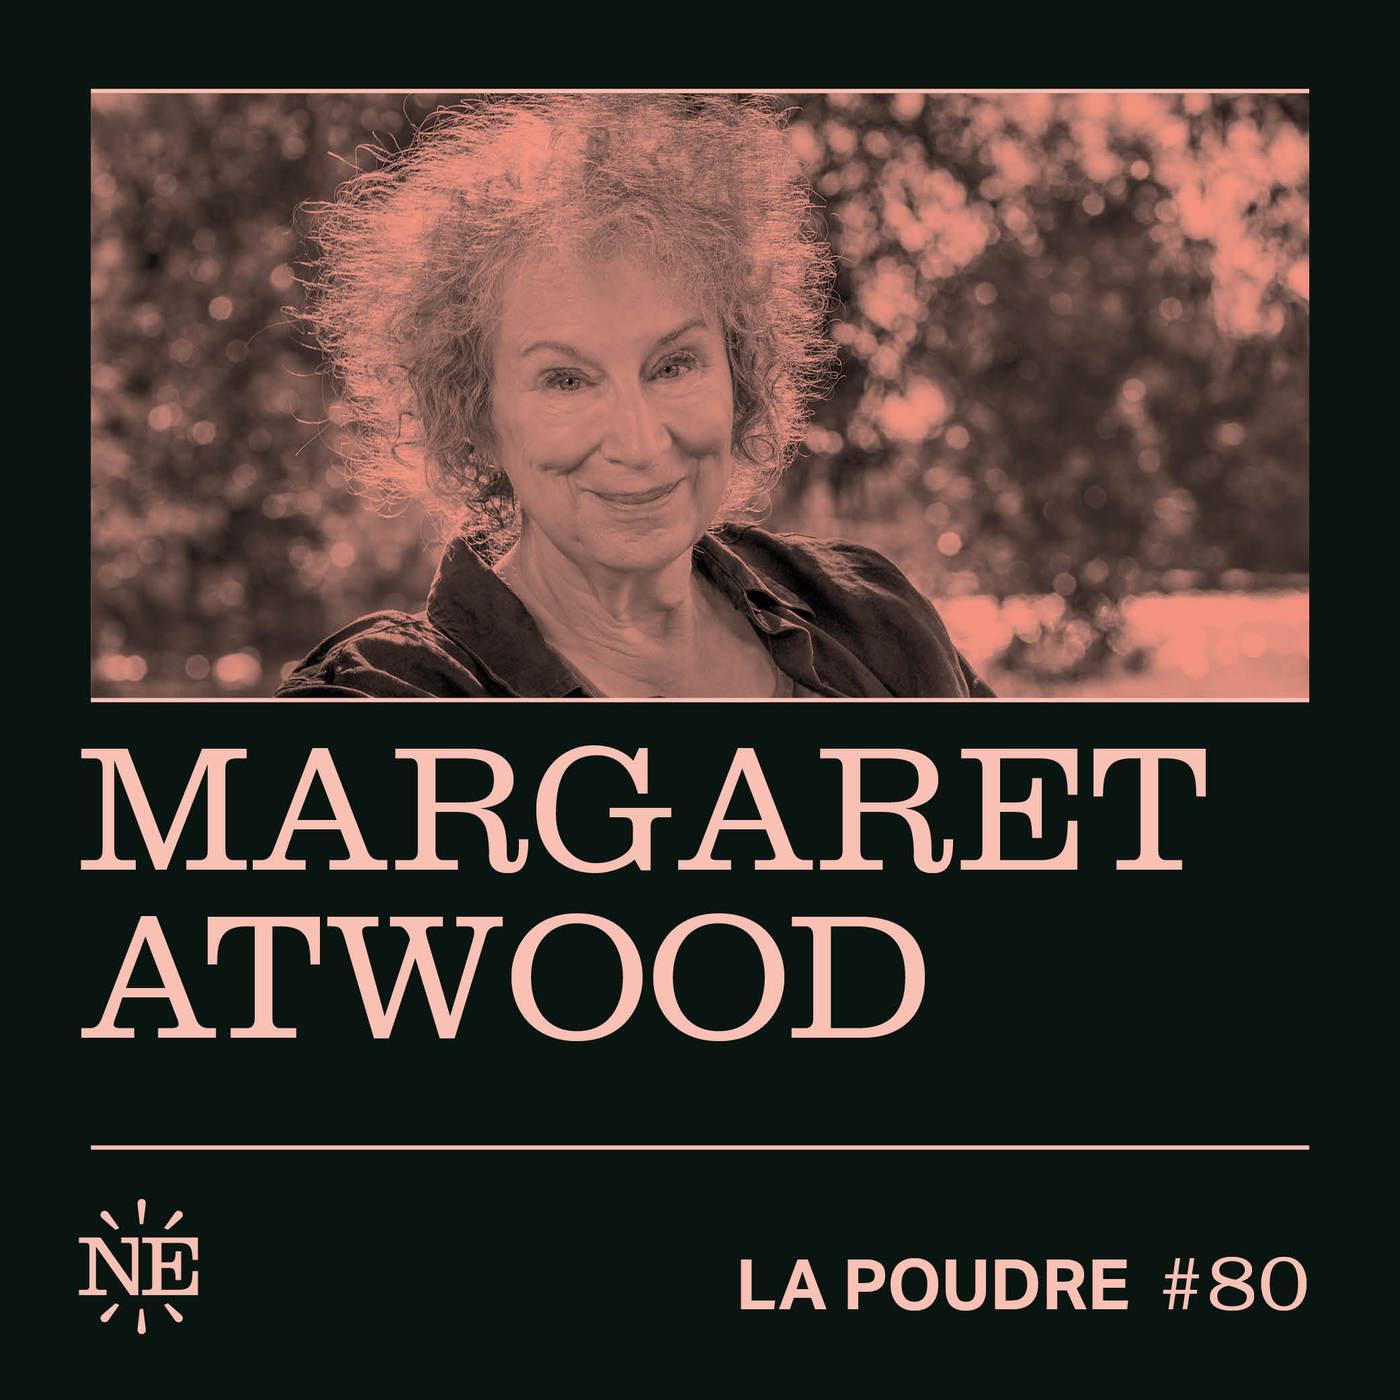 Épisode 80 - Margaret Atwood - (doublé en français)